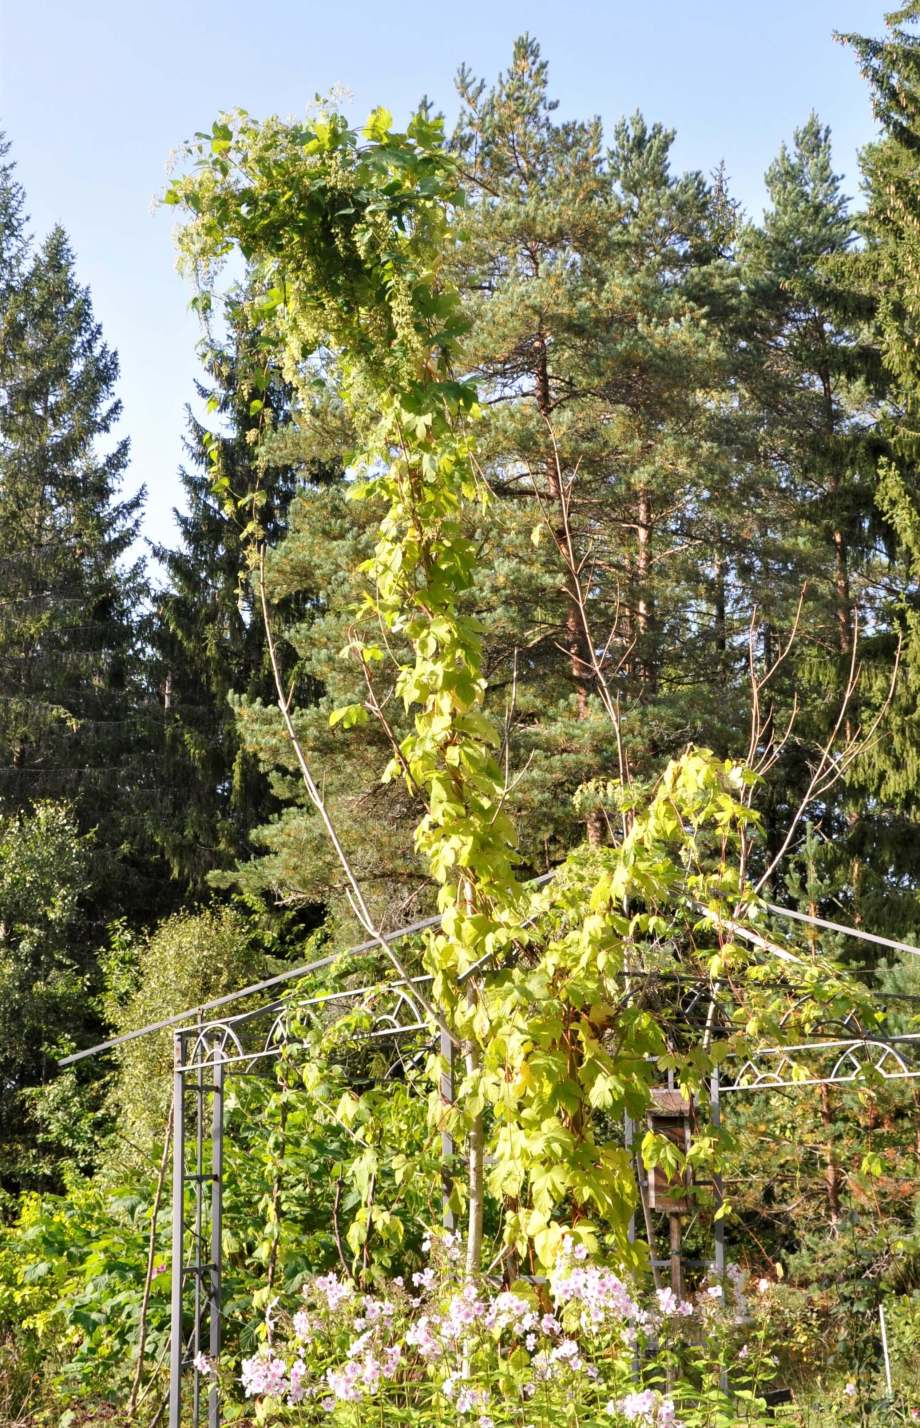 grenen vid pergolan är nu helt täckt av humlen, som en midsommarstång